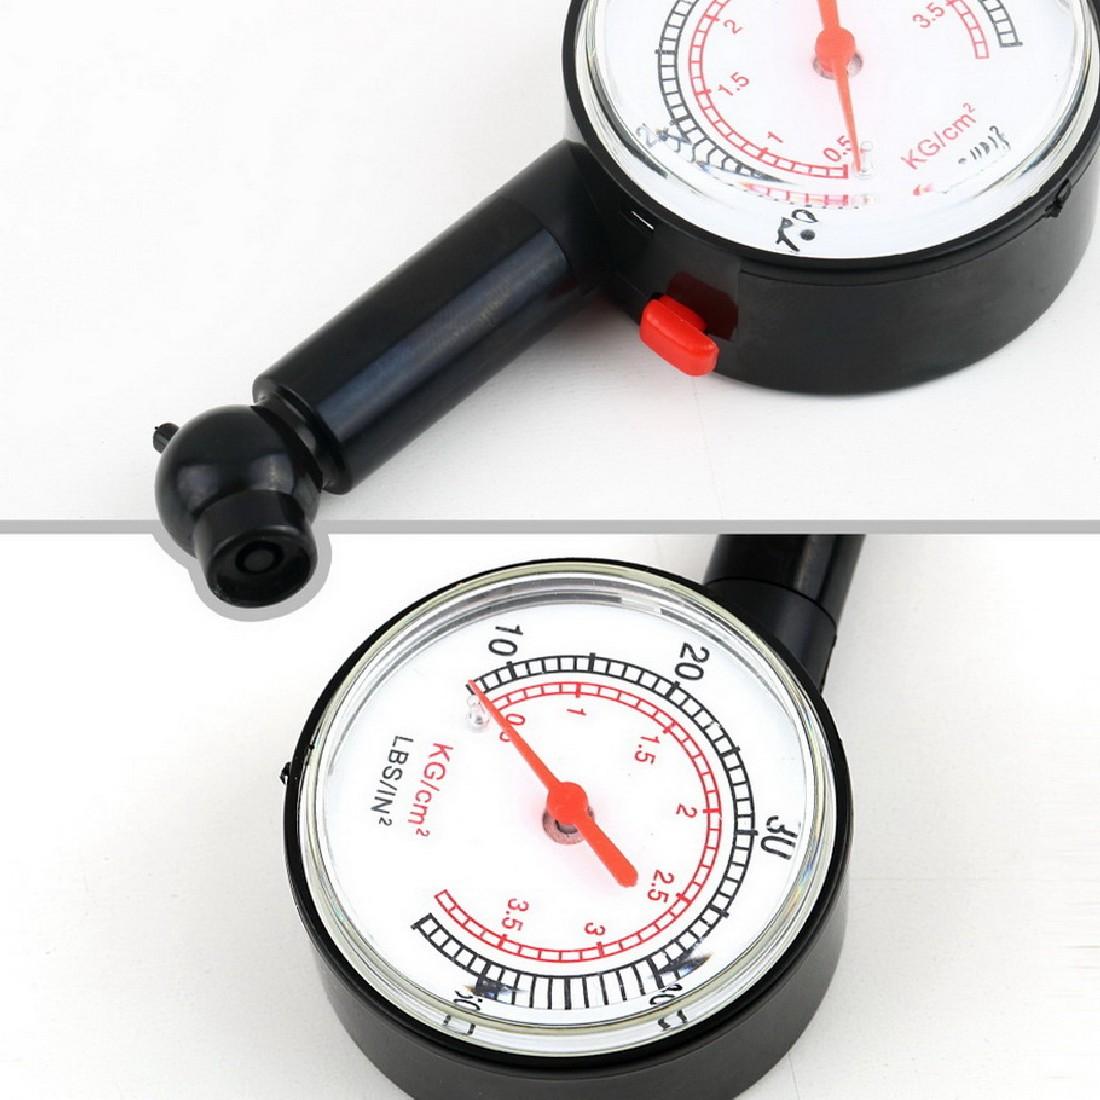 [해외]Viecar New Meter 타이어 압력 게이지 Auto Car Bike 모터 타이어 공기 압력 게이지 미터 자동차 테스터 모니터링 시스템/Viecar New Meter Tire Pressure Gauge Auto Car Bike Motor Tyre Air P